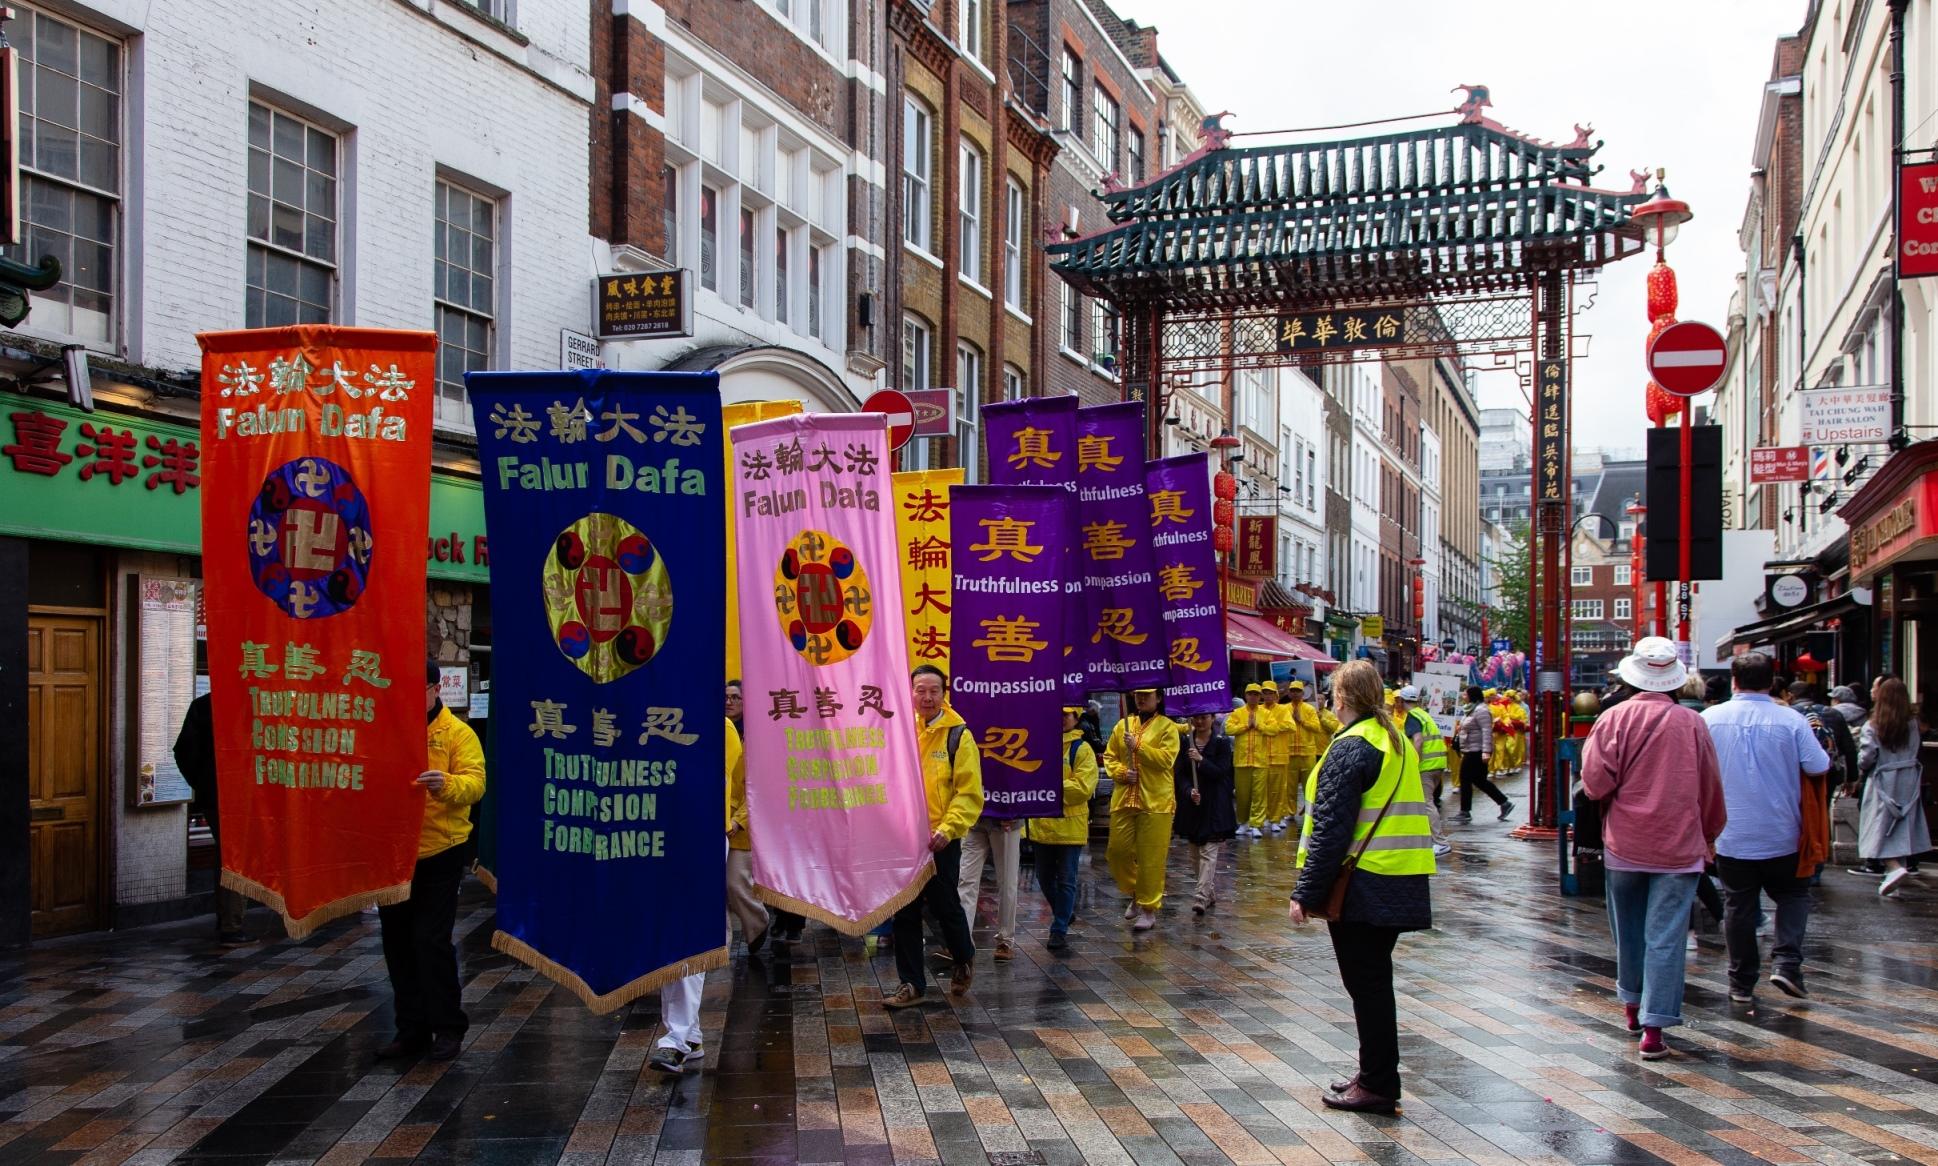 法輪功學員在倫敦市中心舉行大遊行。(明慧網)